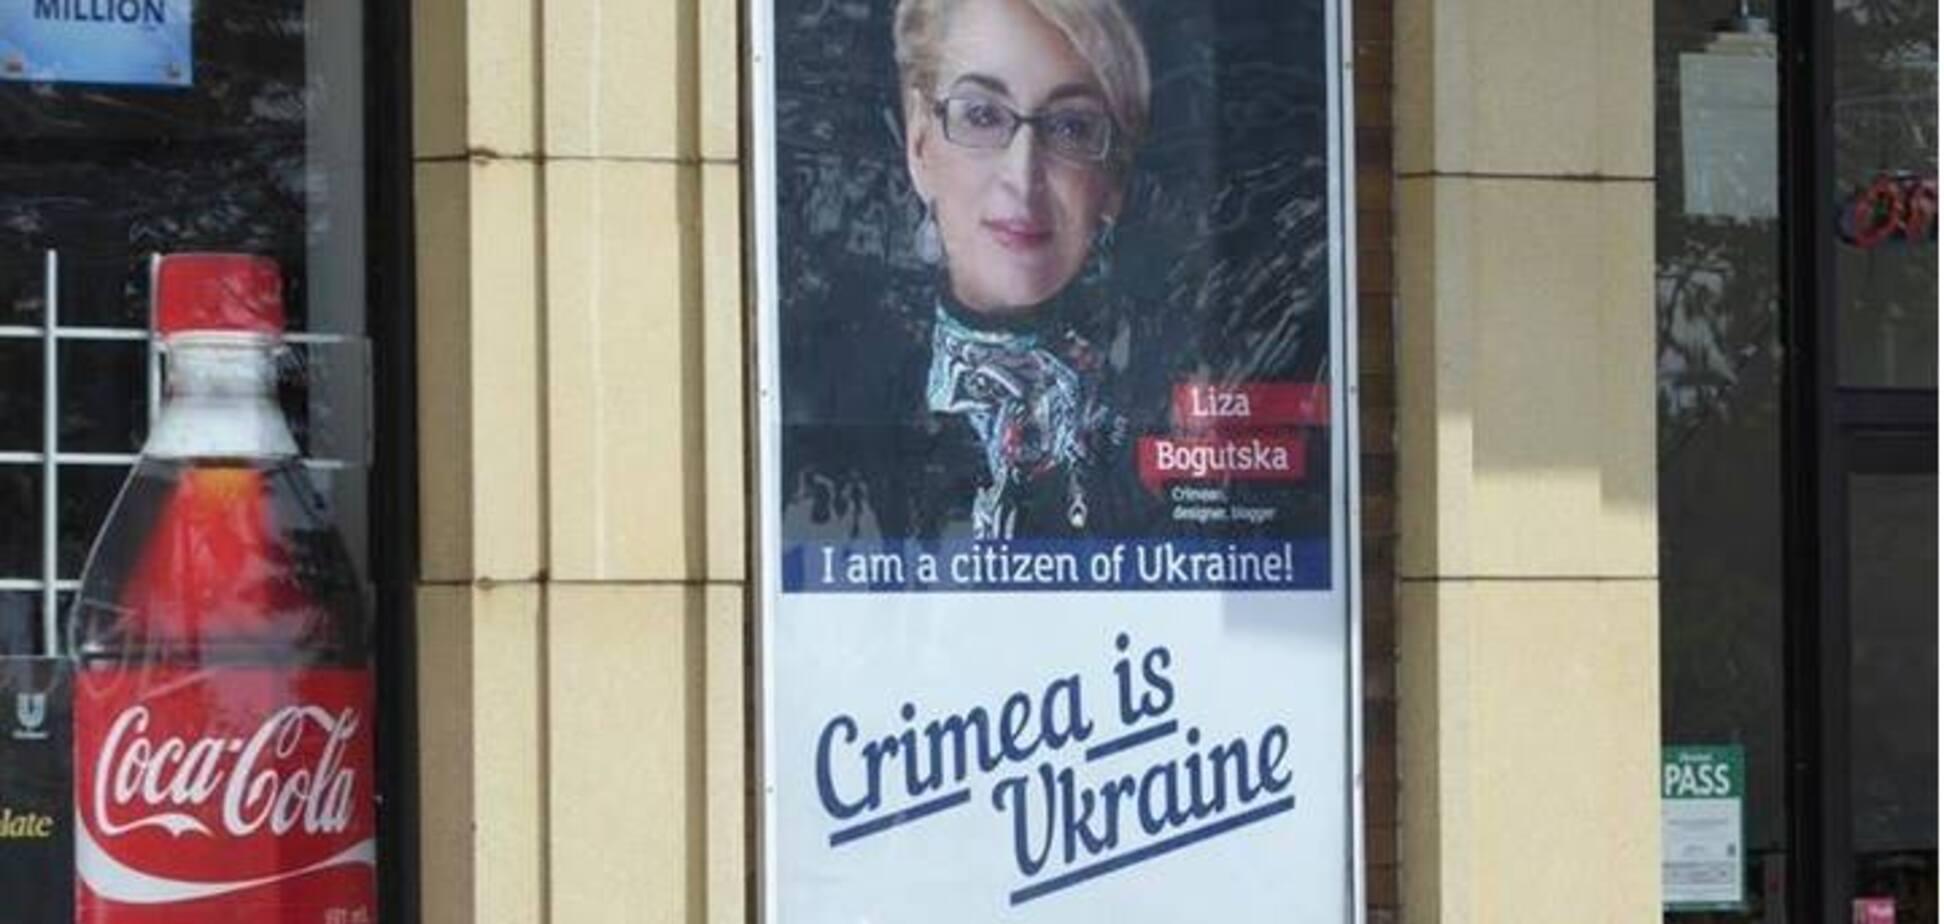 'Путин – не захватчик': заявления известного блогера поразили украинцев